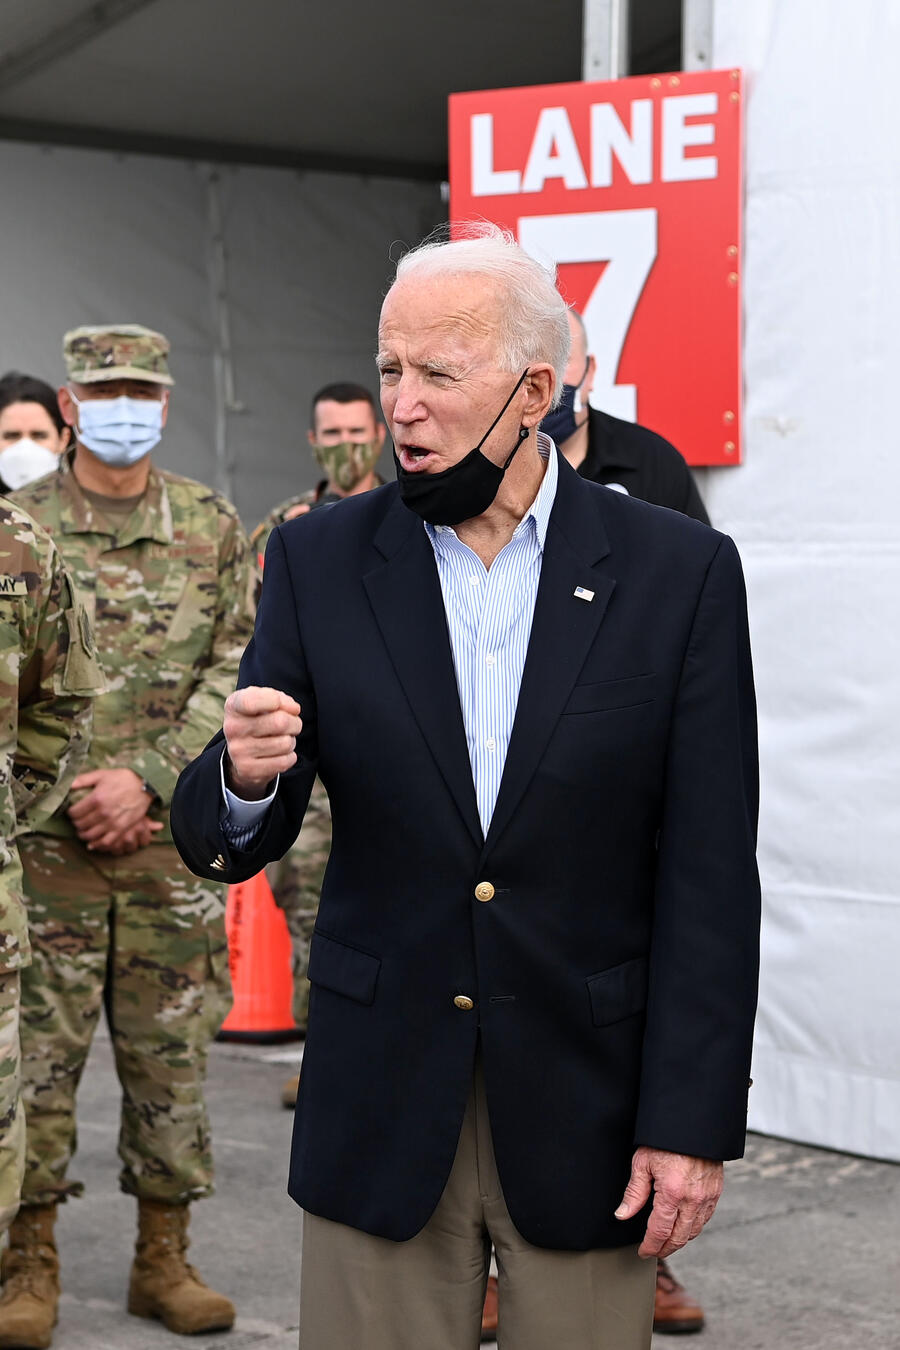 El presidente y la primera dama, Joe y Jill Biden, visitan un centro de vacunación en Houston, Texas, el 26 de febrero de 2021.